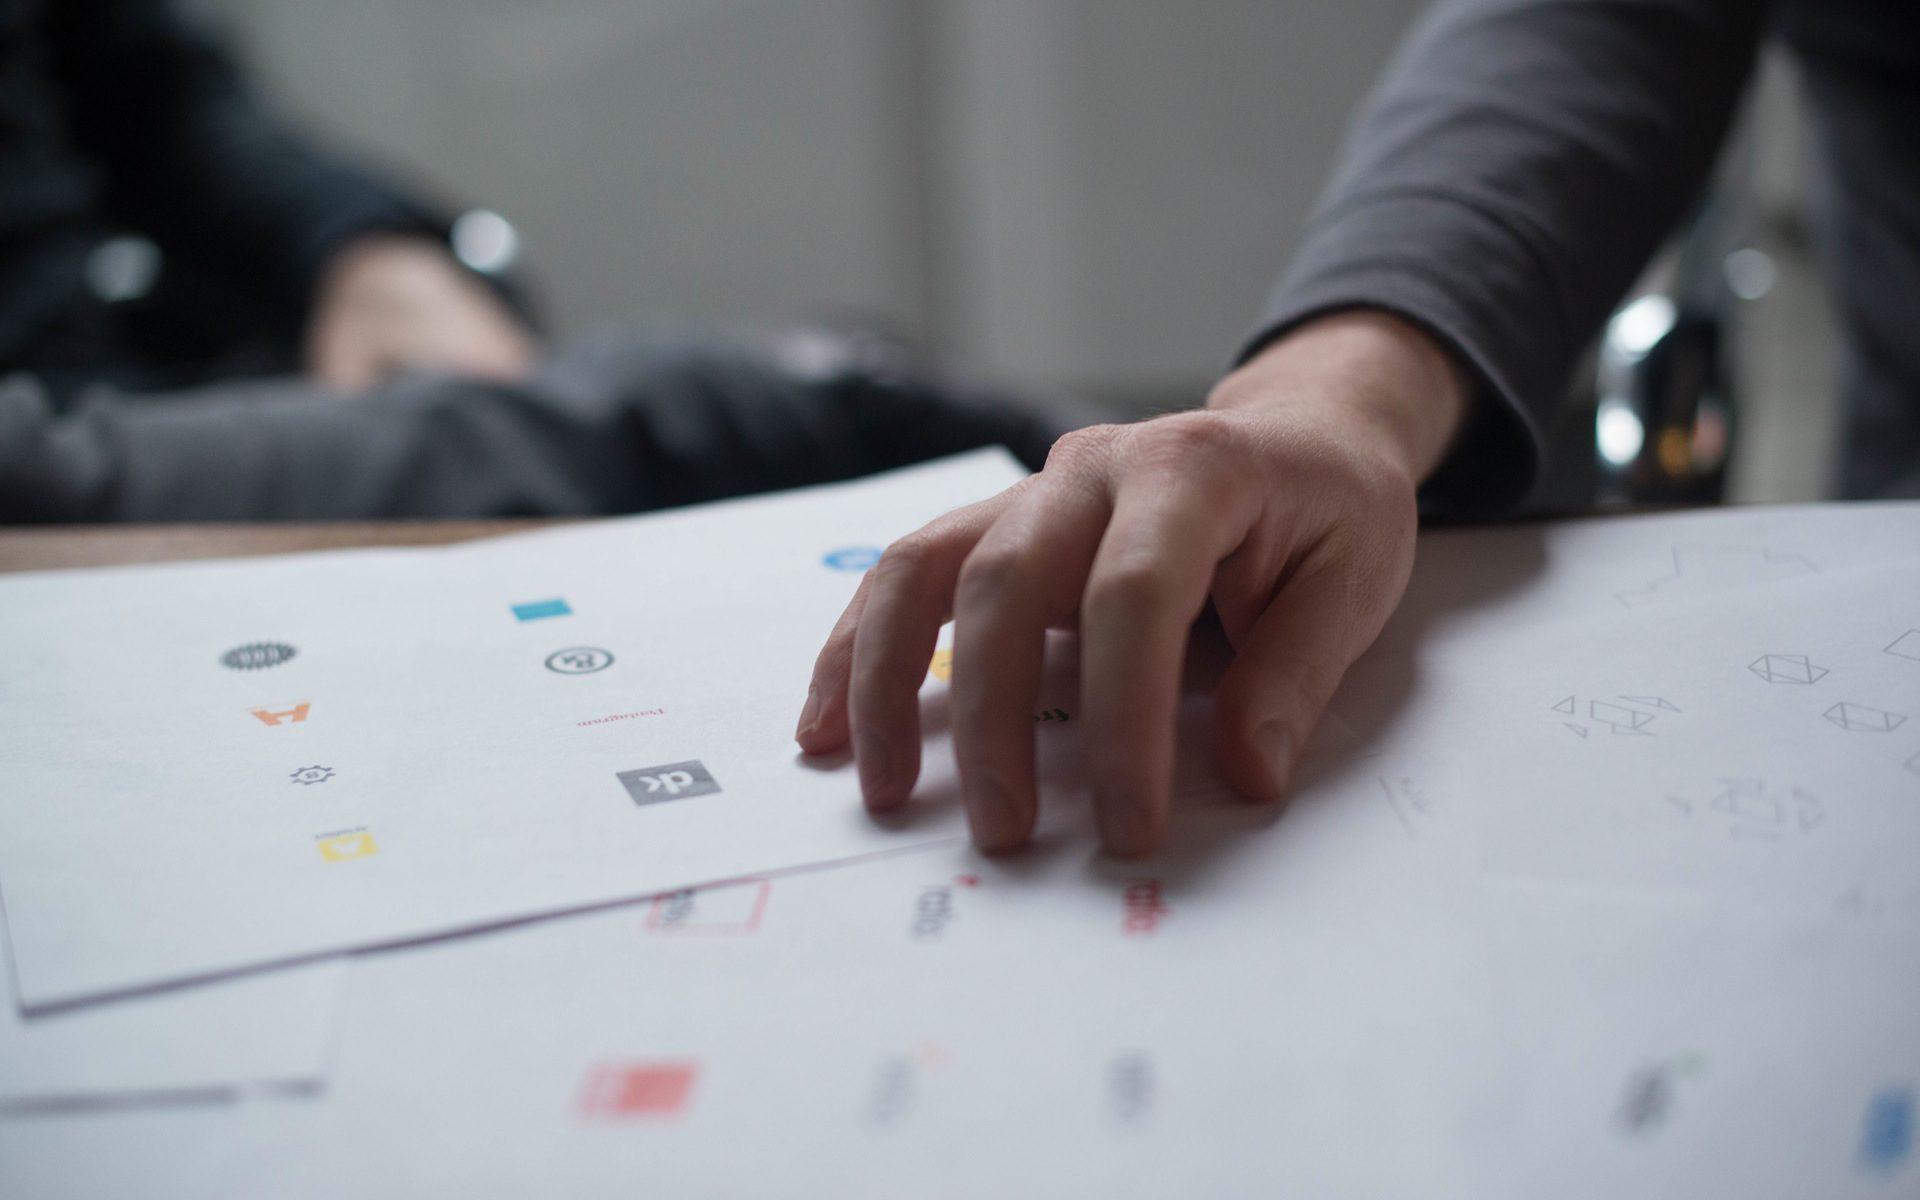 morsoft website design services